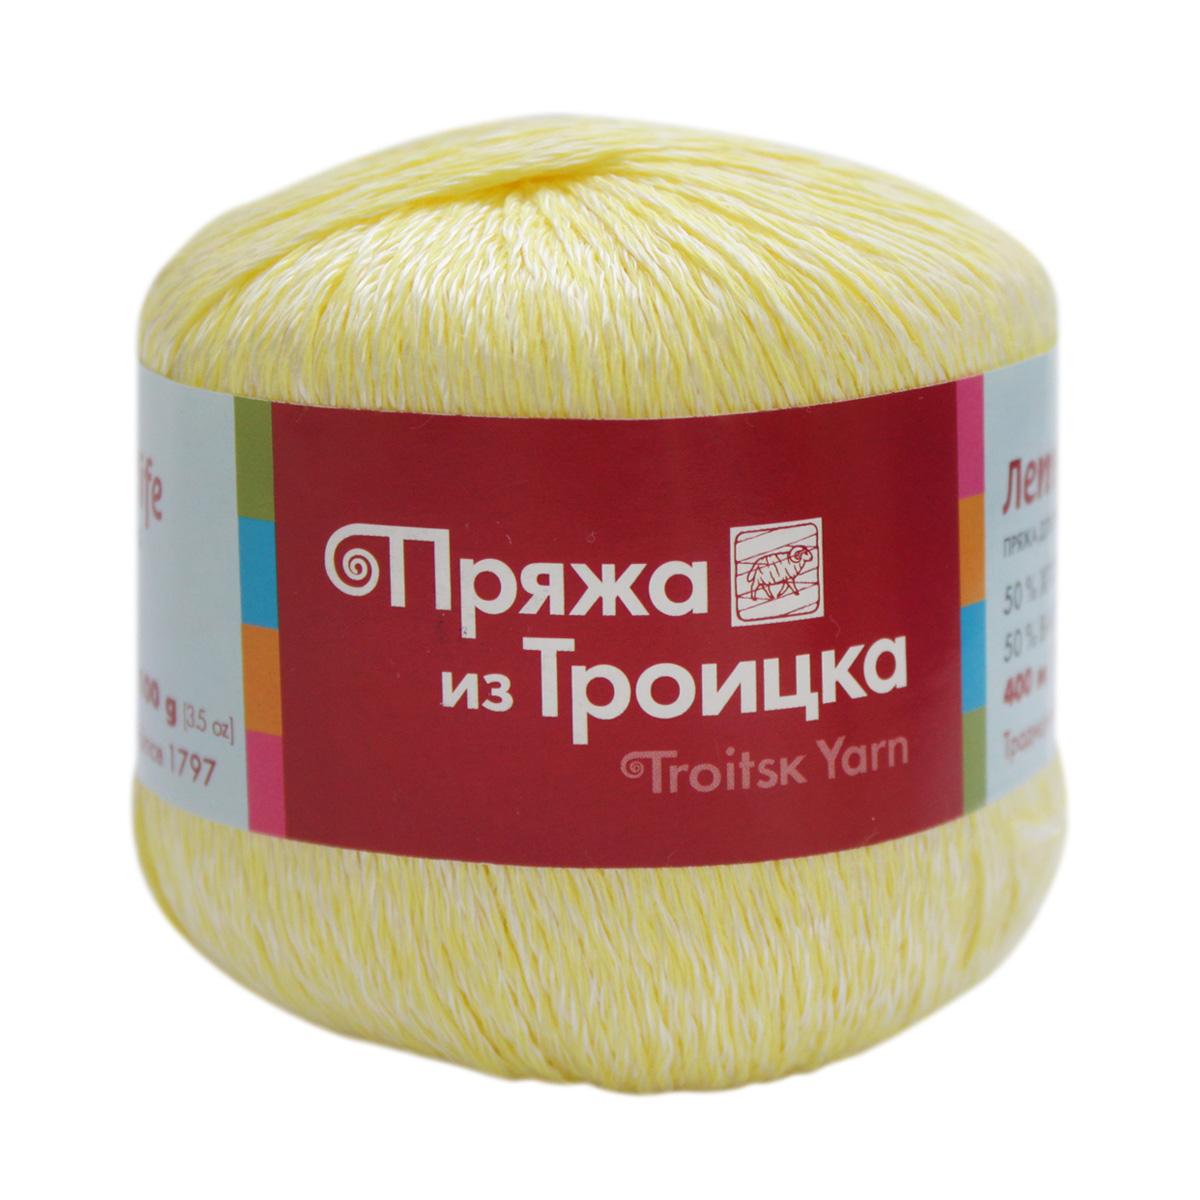 Пряжа из Троицка 'Летняя' (50%хлопок, 50%вискоза) (2764 мулине (отб./лимон))